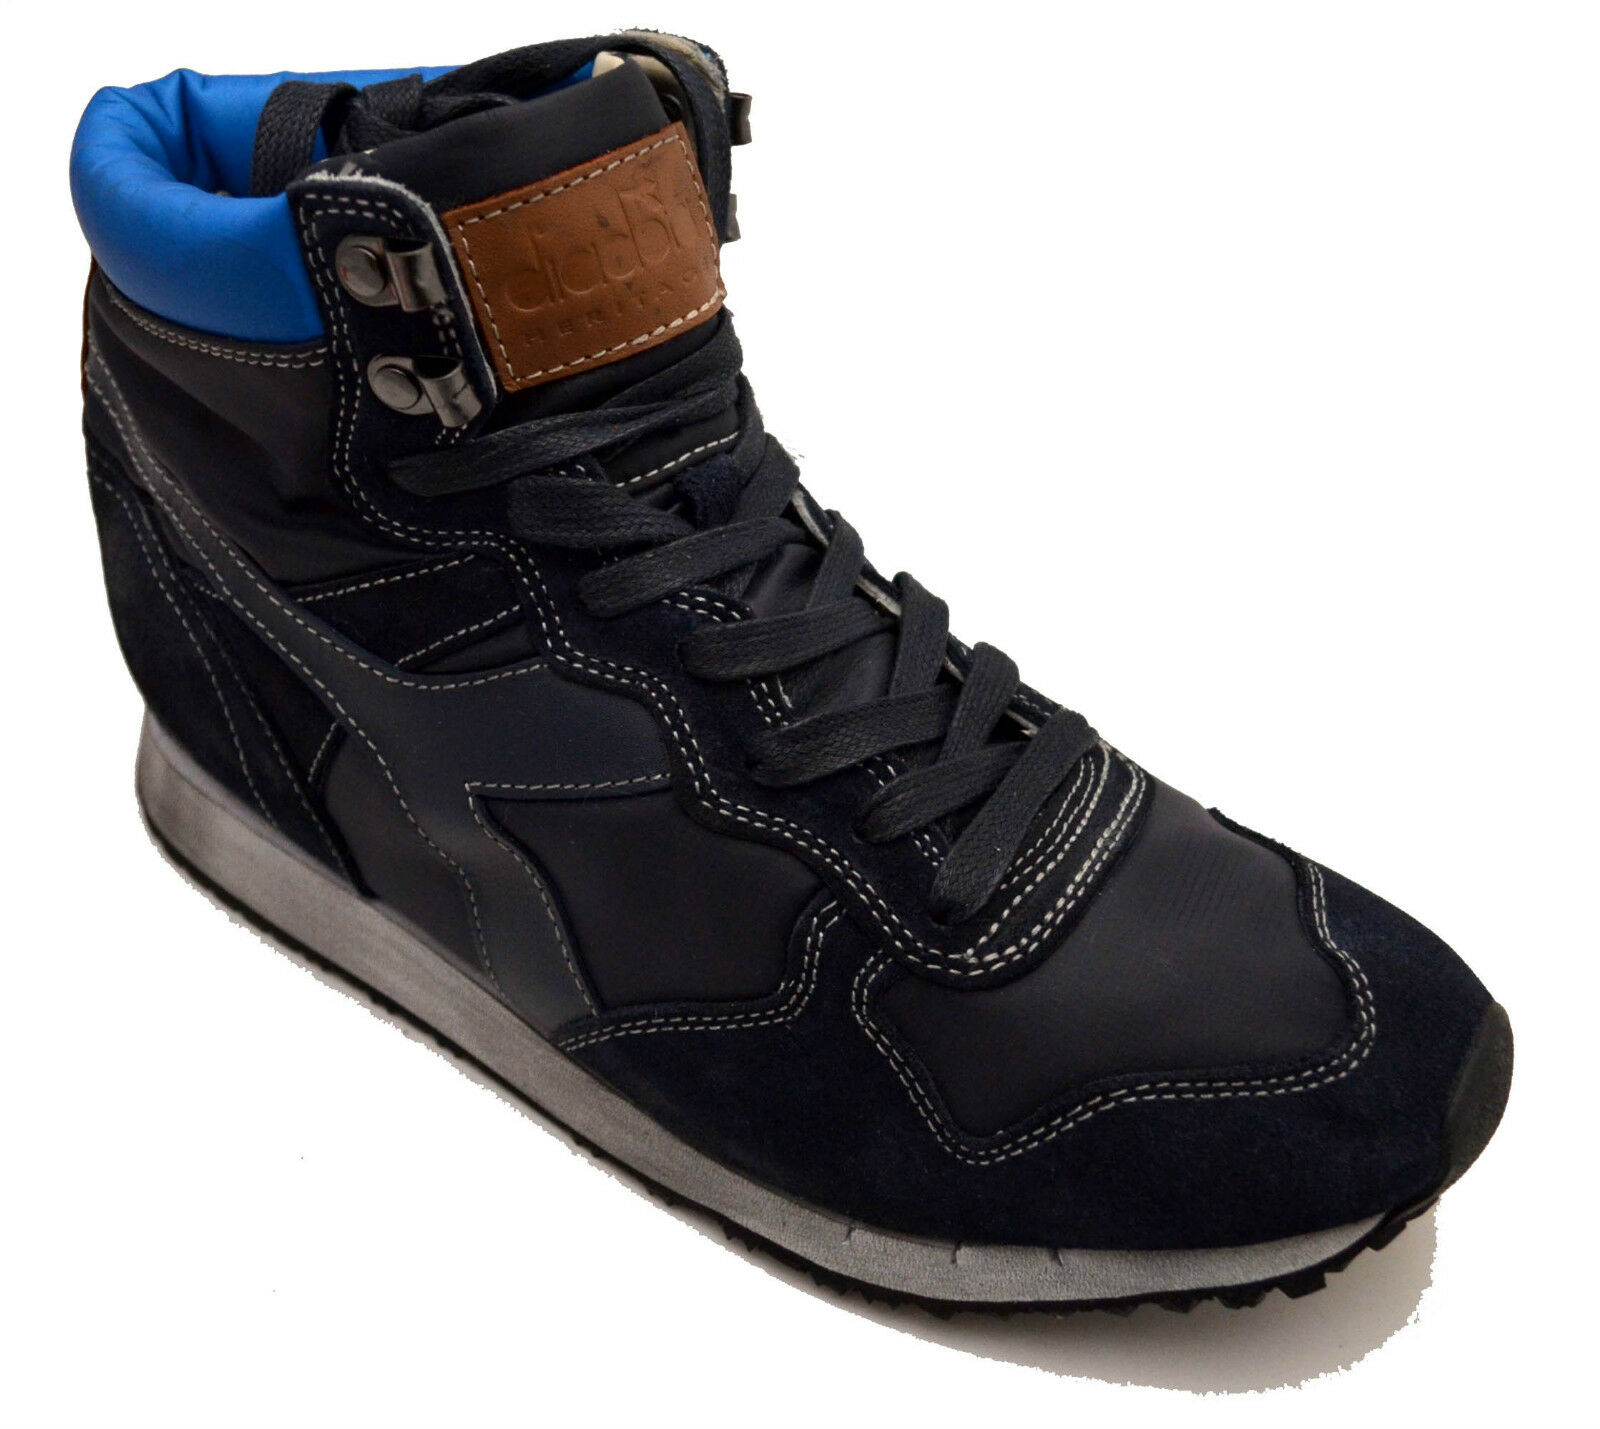 Descuento de la marca Barato y cómodo Diadora Heritage scarpe Zapatillas Pelle Vintage shoes Men Uomo Donna Women 159225